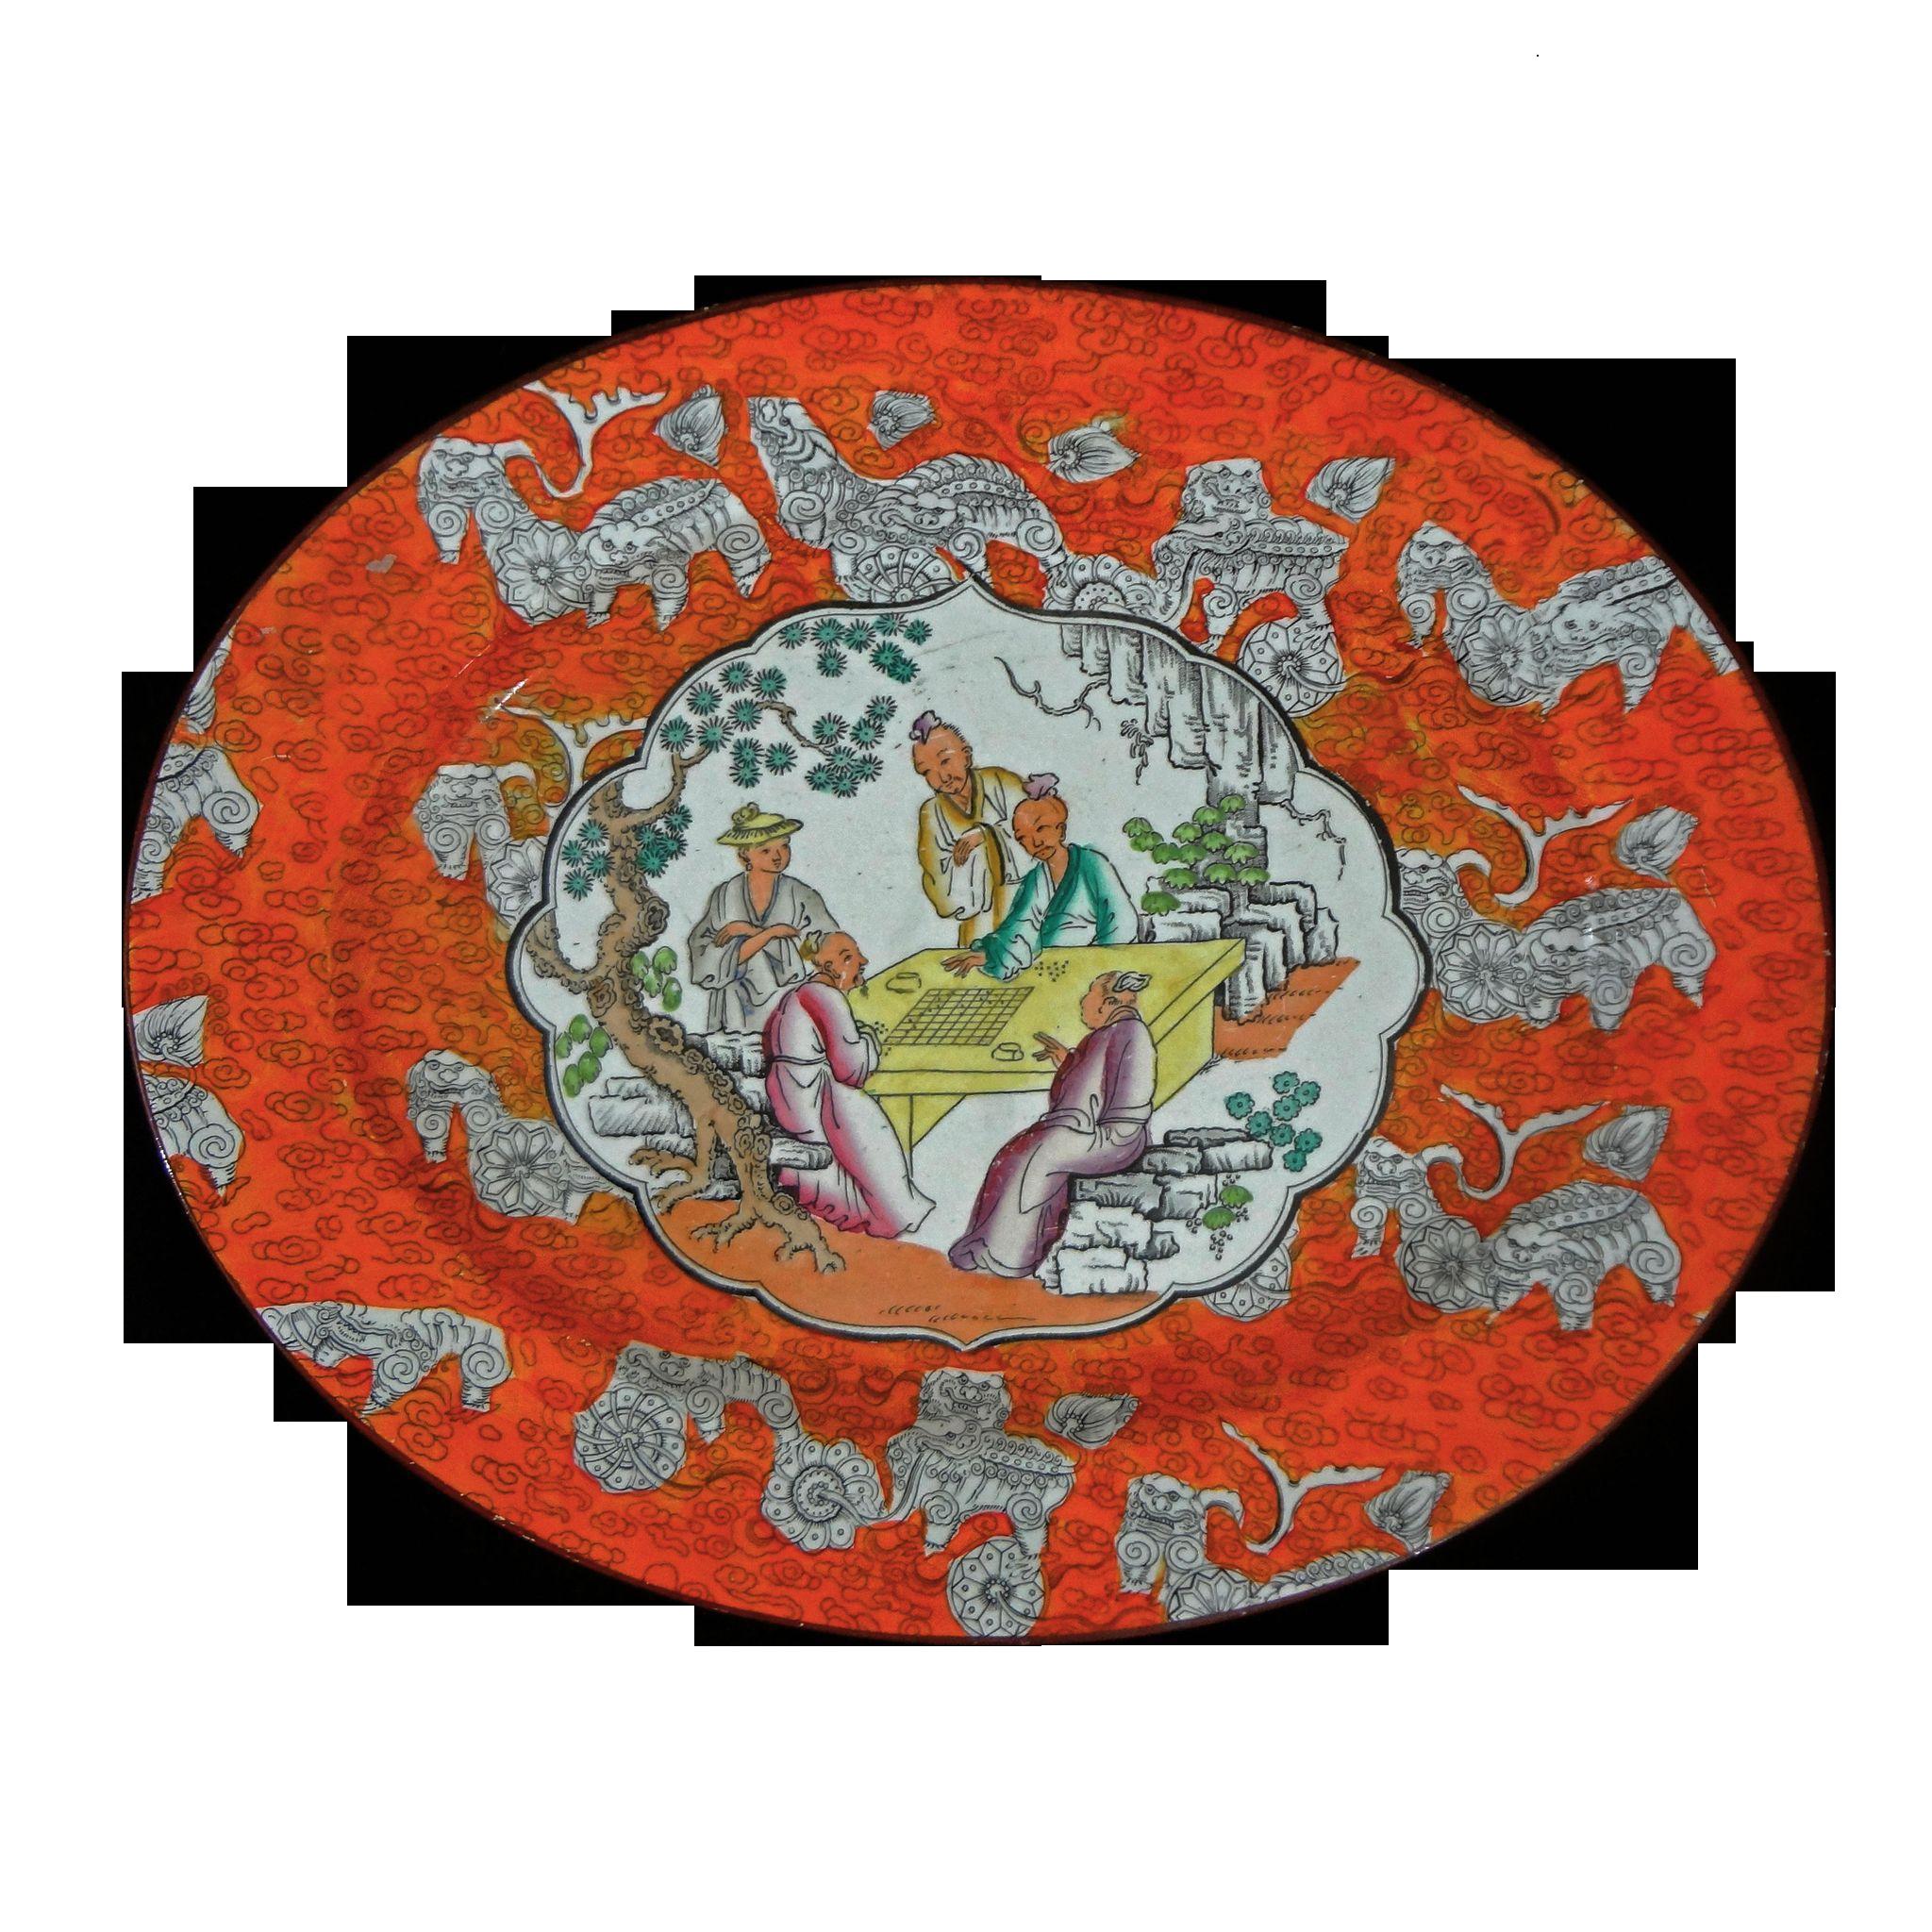 English Chinoiserie Platter Antique Orange English Large Oval Ashworth - c. 1862 to 1880, England